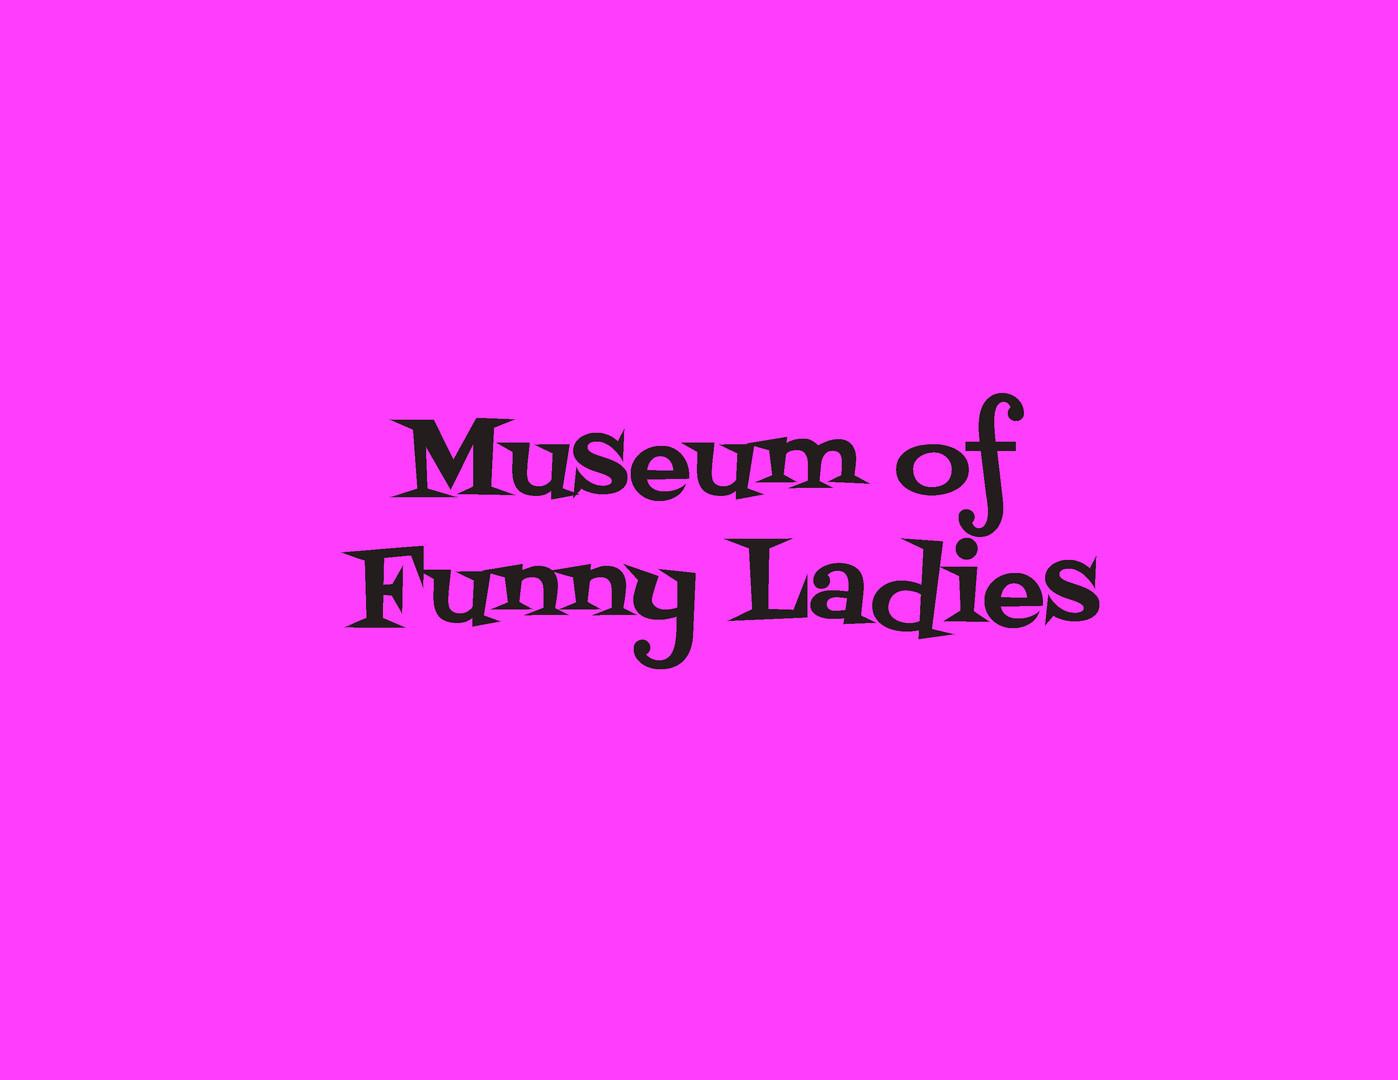 Museum of Funny Ladies - Museum Design